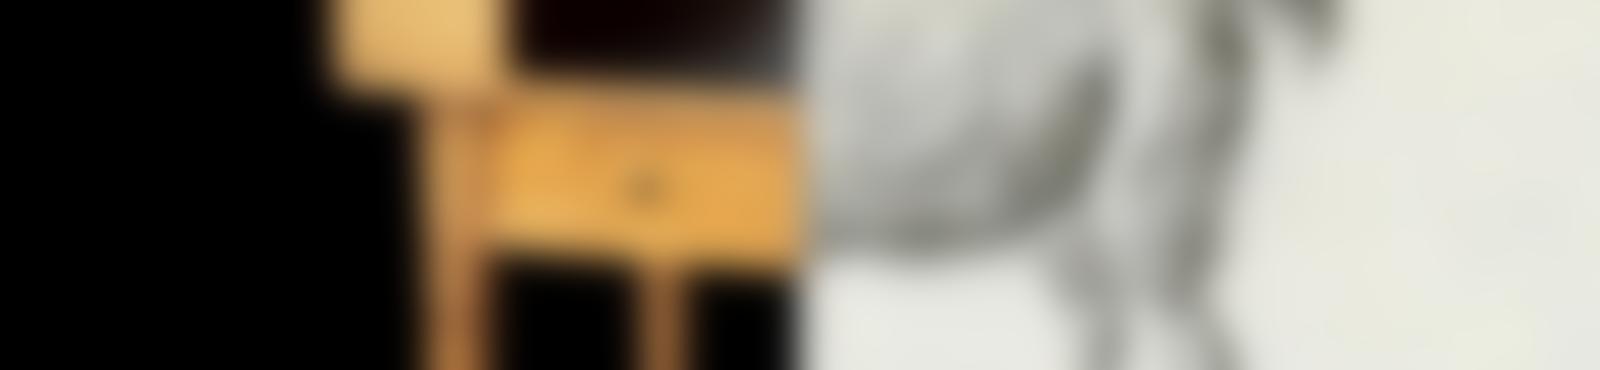 Blurred 9cbbdfe0 2099 4d84 a651 094ae2f10235